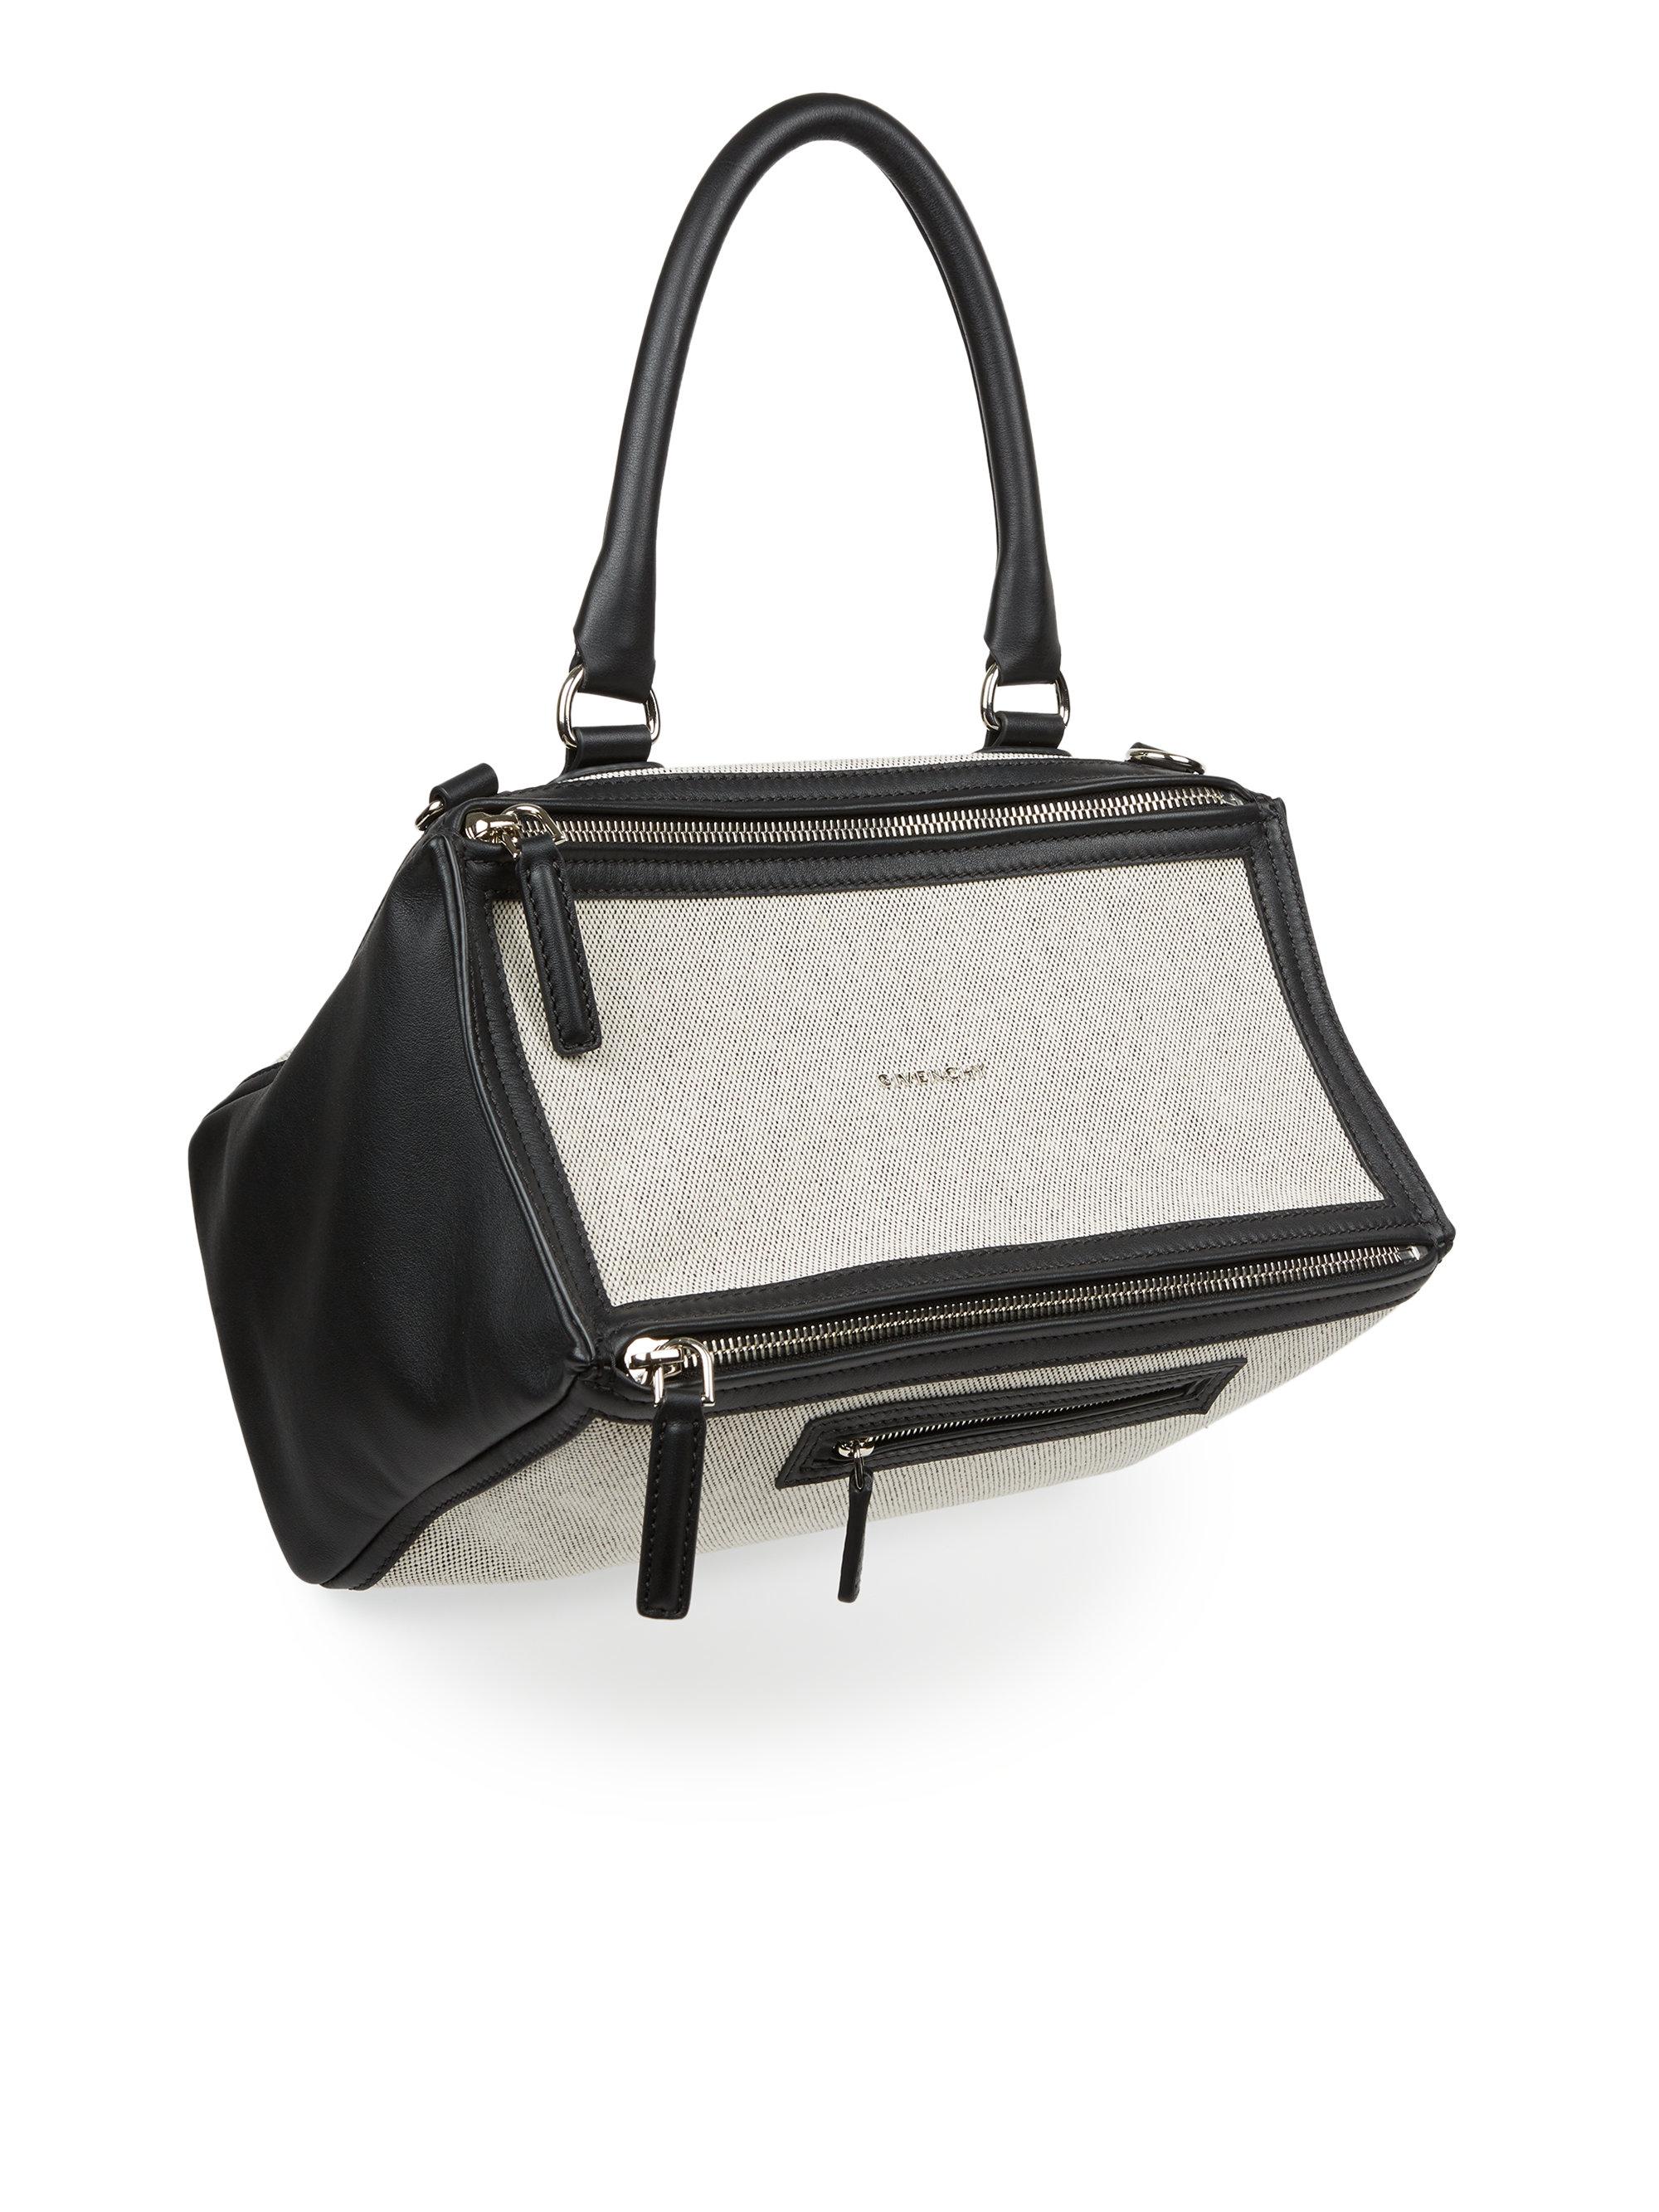 Givenchy Pandora Purse